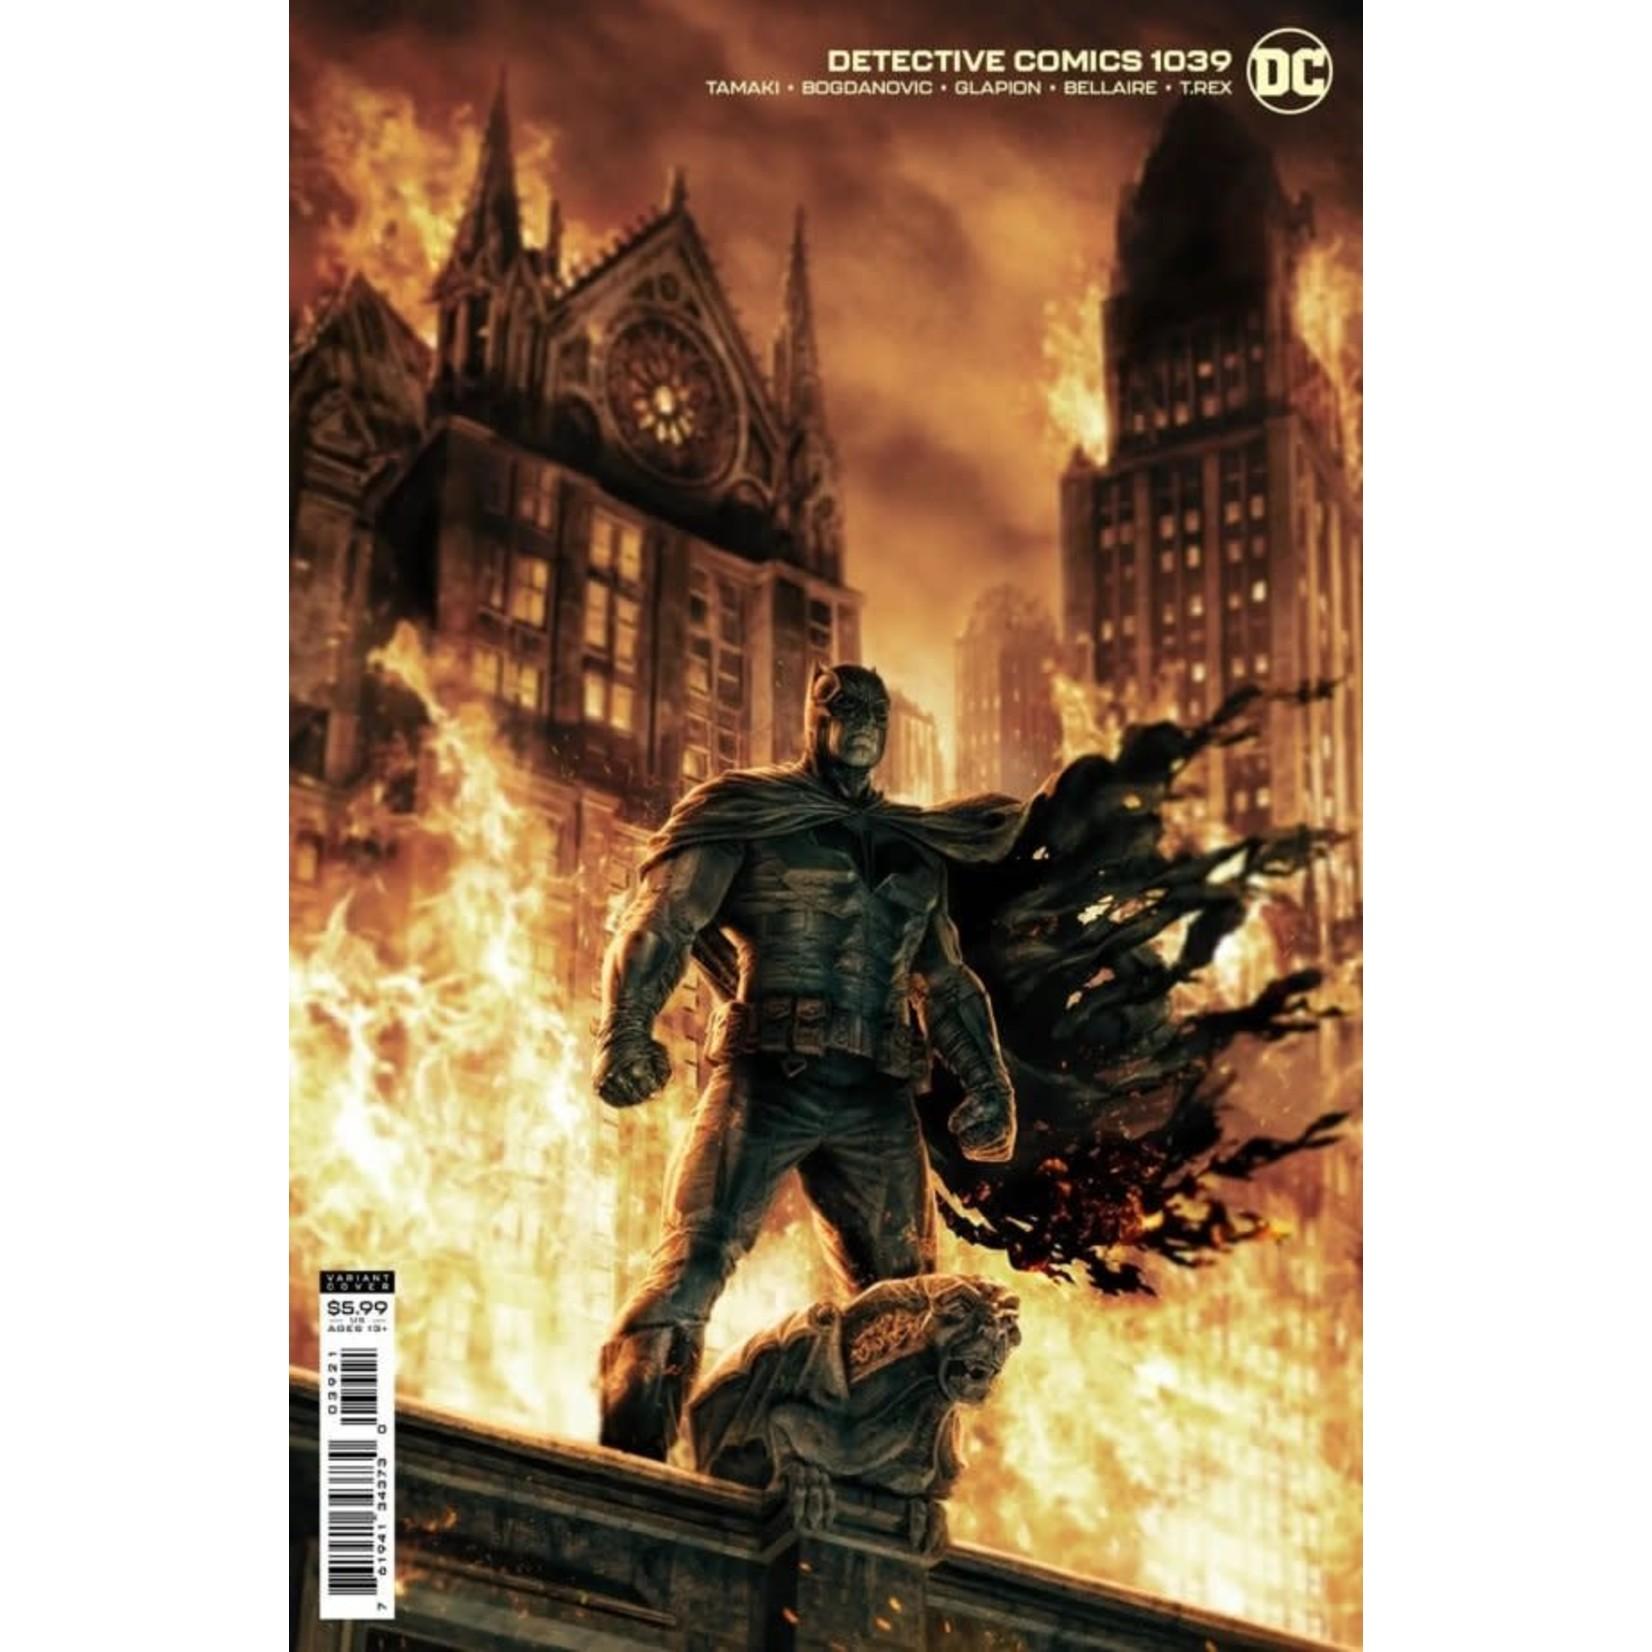 DC Comics detective comics #1039 Variant Cover